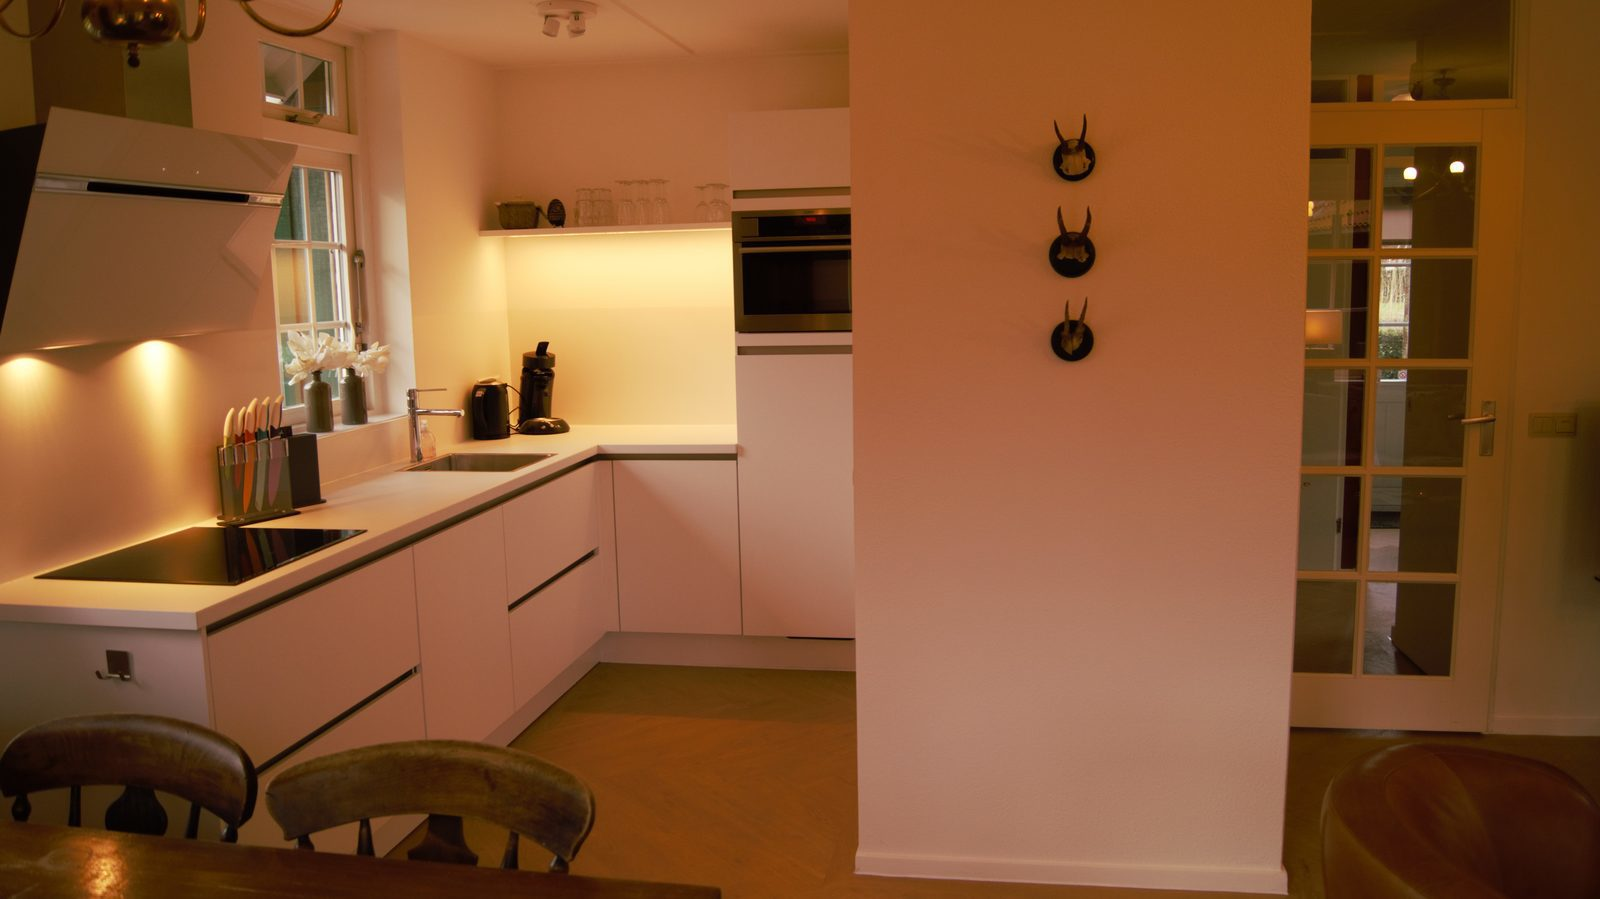 Noteboom nieuwe keuken